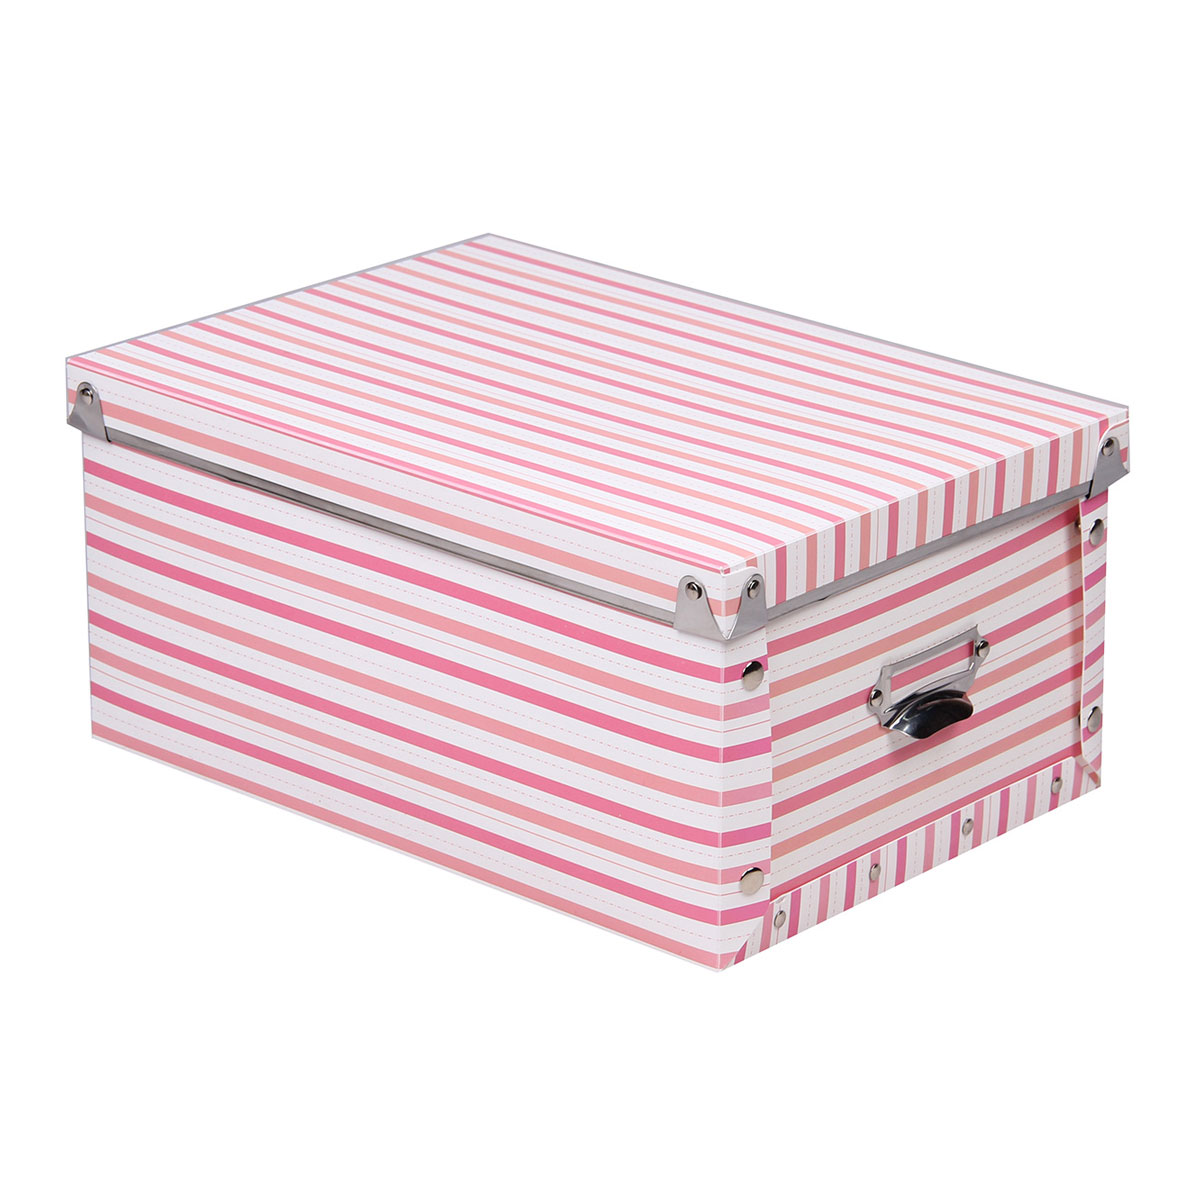 Короб для xранения Miolla, 22,5 x 13,5 x 13 см. SBС-01PR-2WУдобный и практичный короб Miolla идеально подойдет для хранения бумаг, канцелярских принадлежностей и любых других мелочей. Удобная крышка защитит ваши вещи от пыли, а боковые ручки позволят с легкостью переносить короб с места на место.Размер: 22,5 х 13,5 х 13 см.